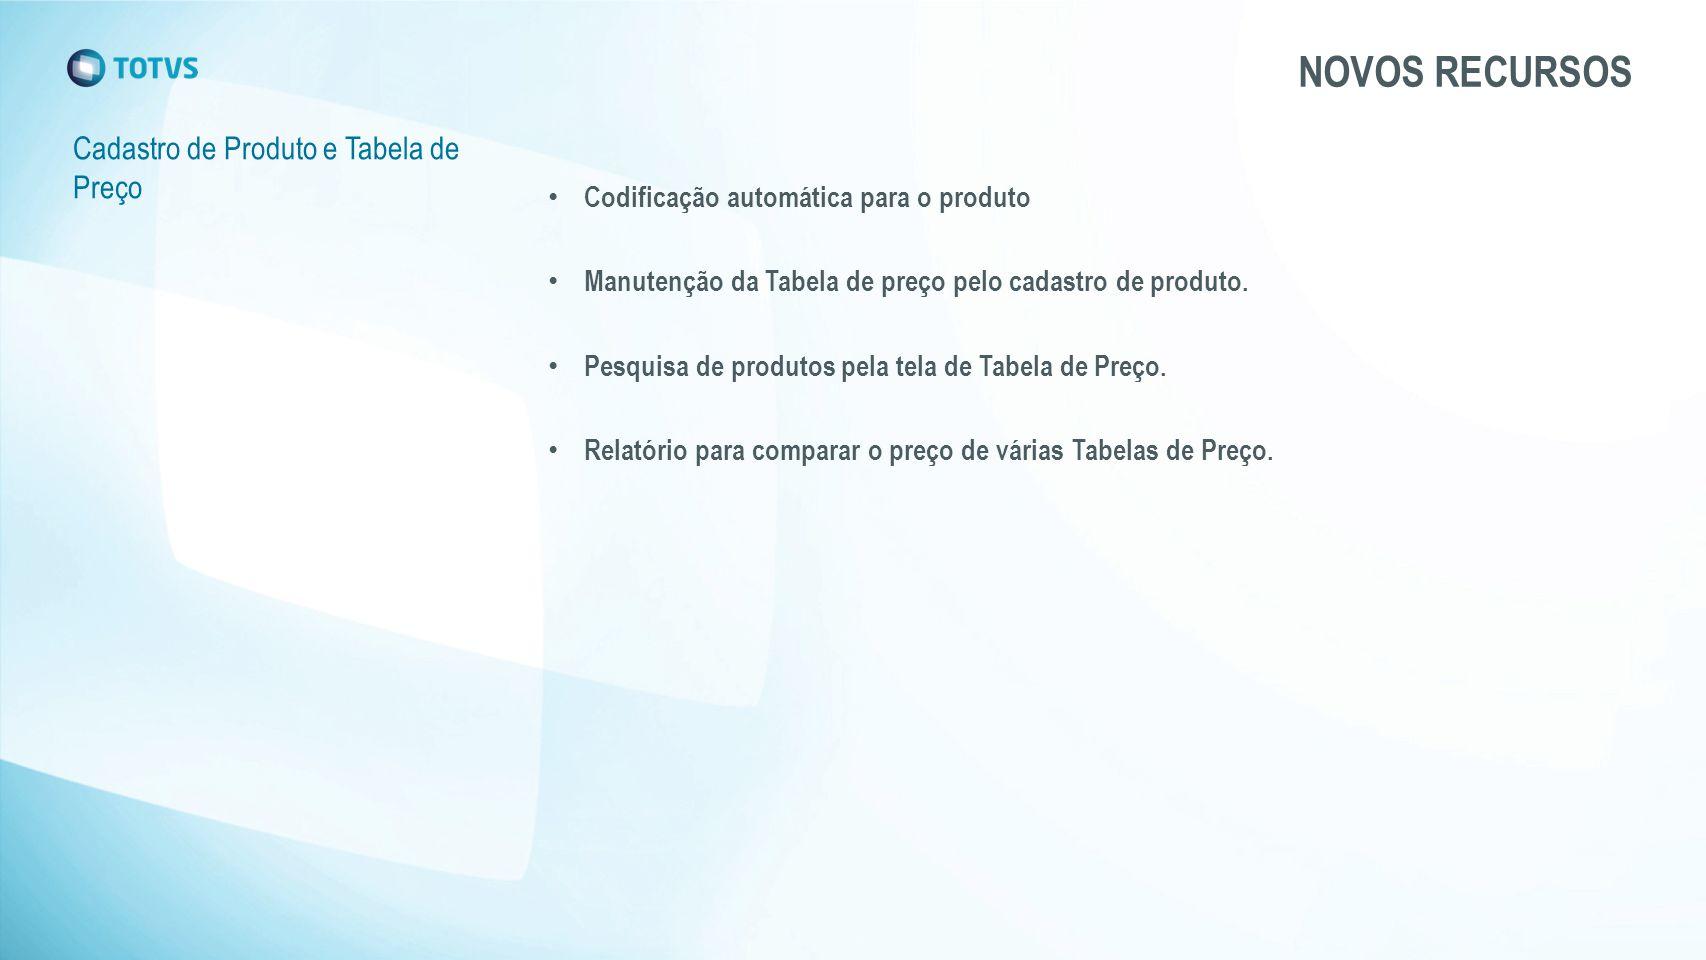 Cadastro de Produto e Tabela de Preço NOVOS RECURSOS Codificação automática para o produto Manutenção da Tabela de preço pelo cadastro de produto.